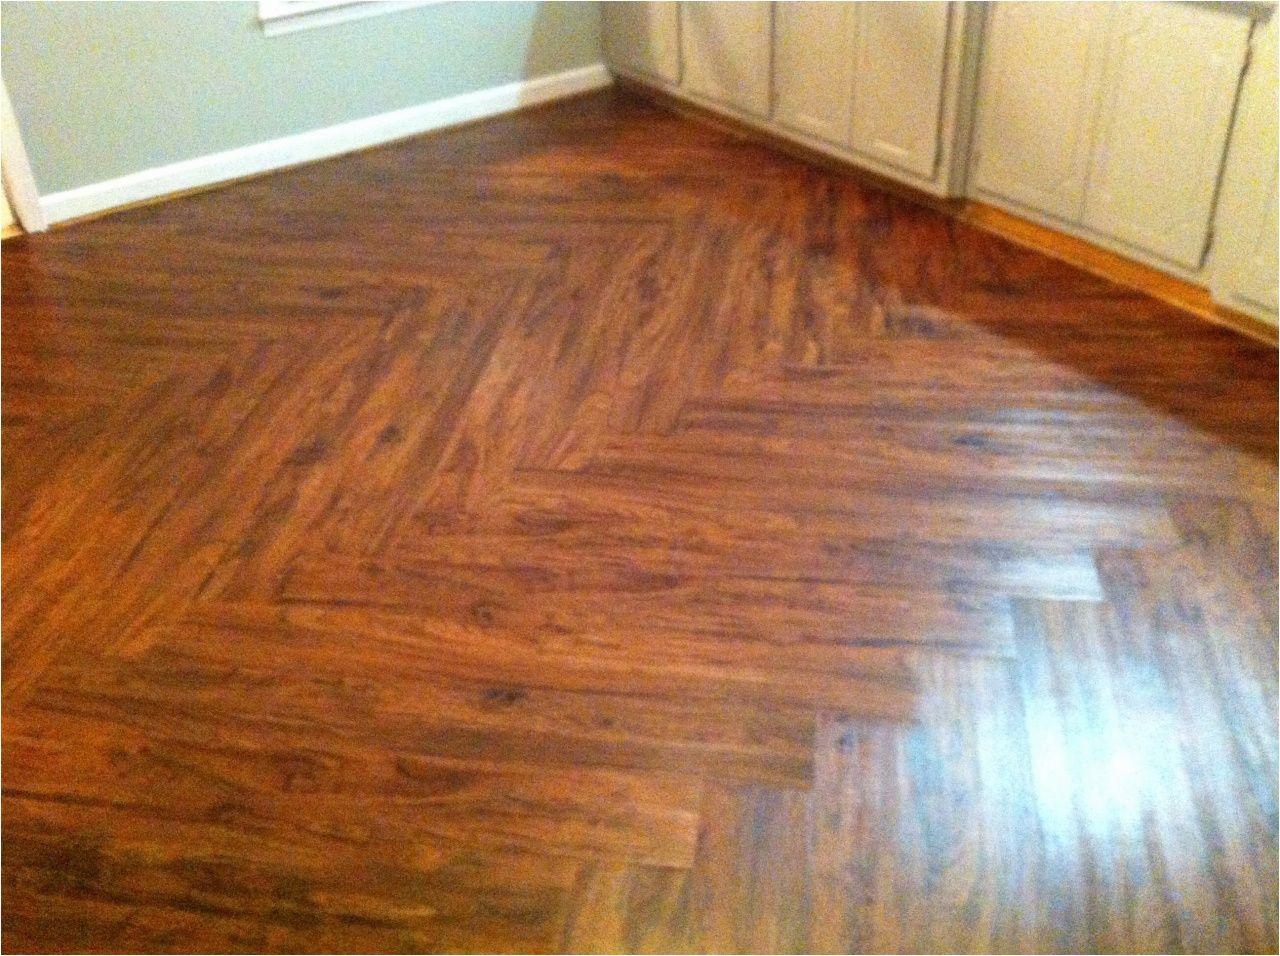 Vinyl Flooring Laminate, Home Depot Laminate Flooring Installation Cost Per Square Foot